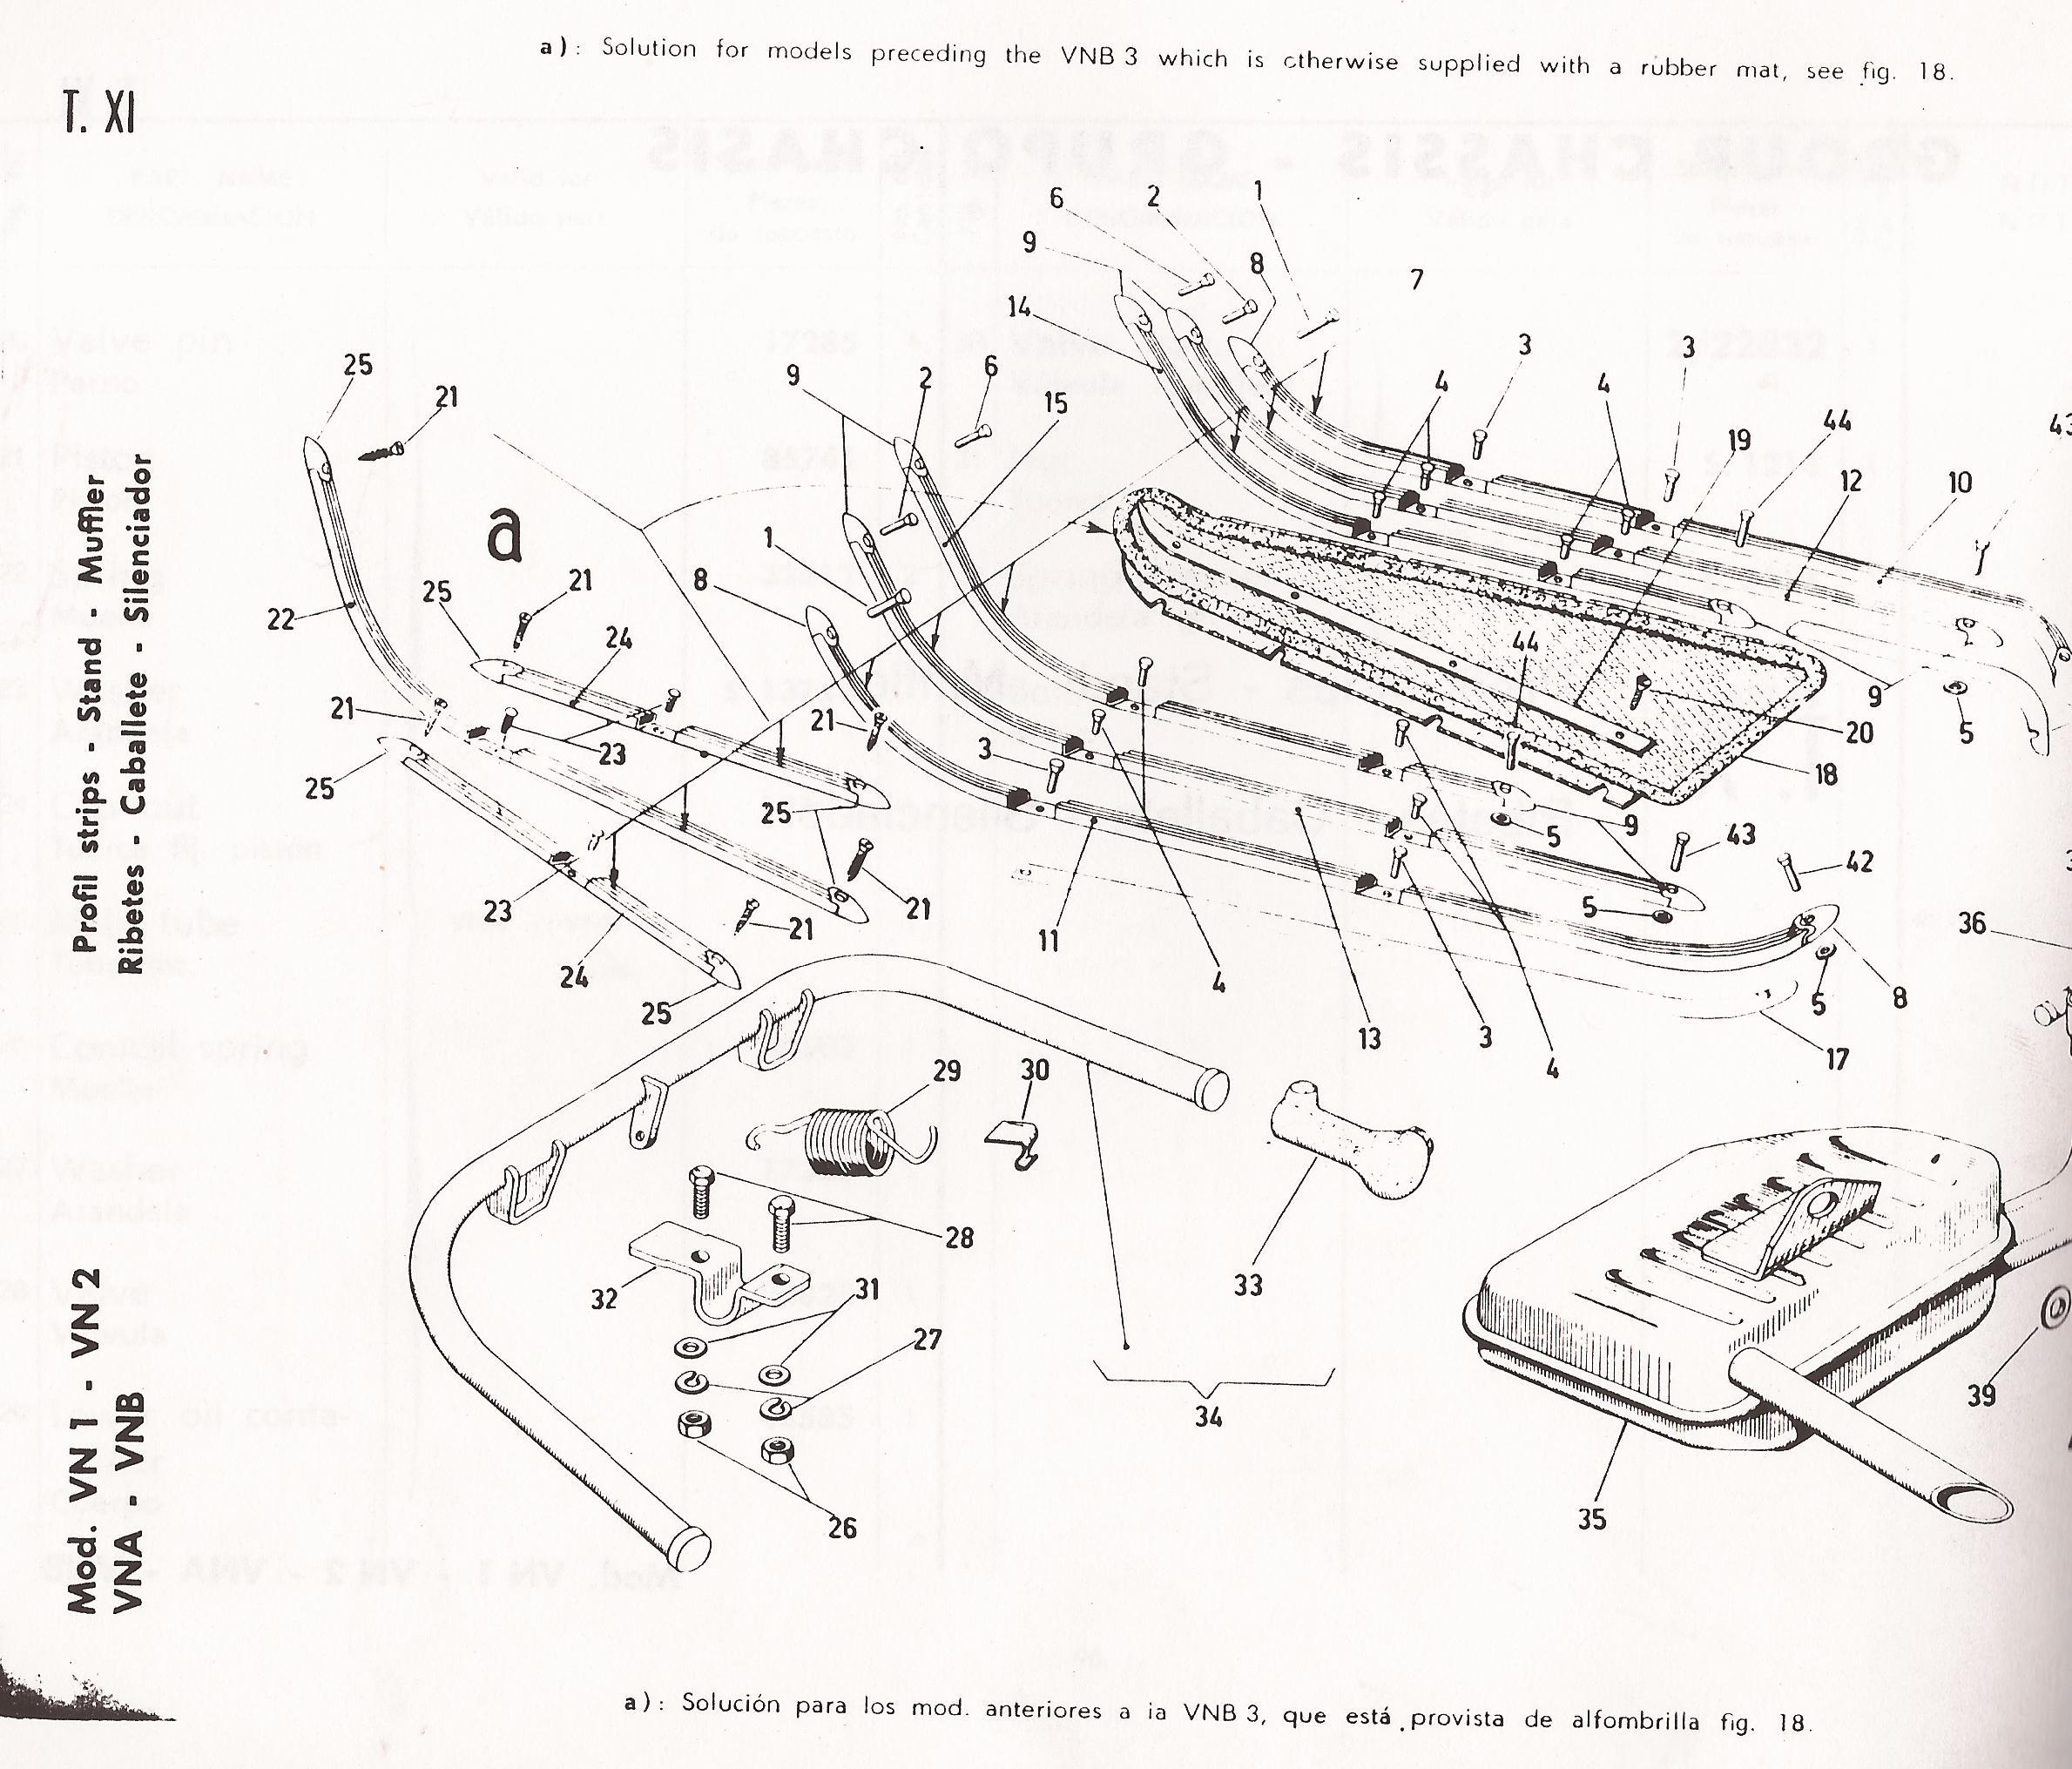 07-16-2013 vespa 125 catalog manuel 102.jpg